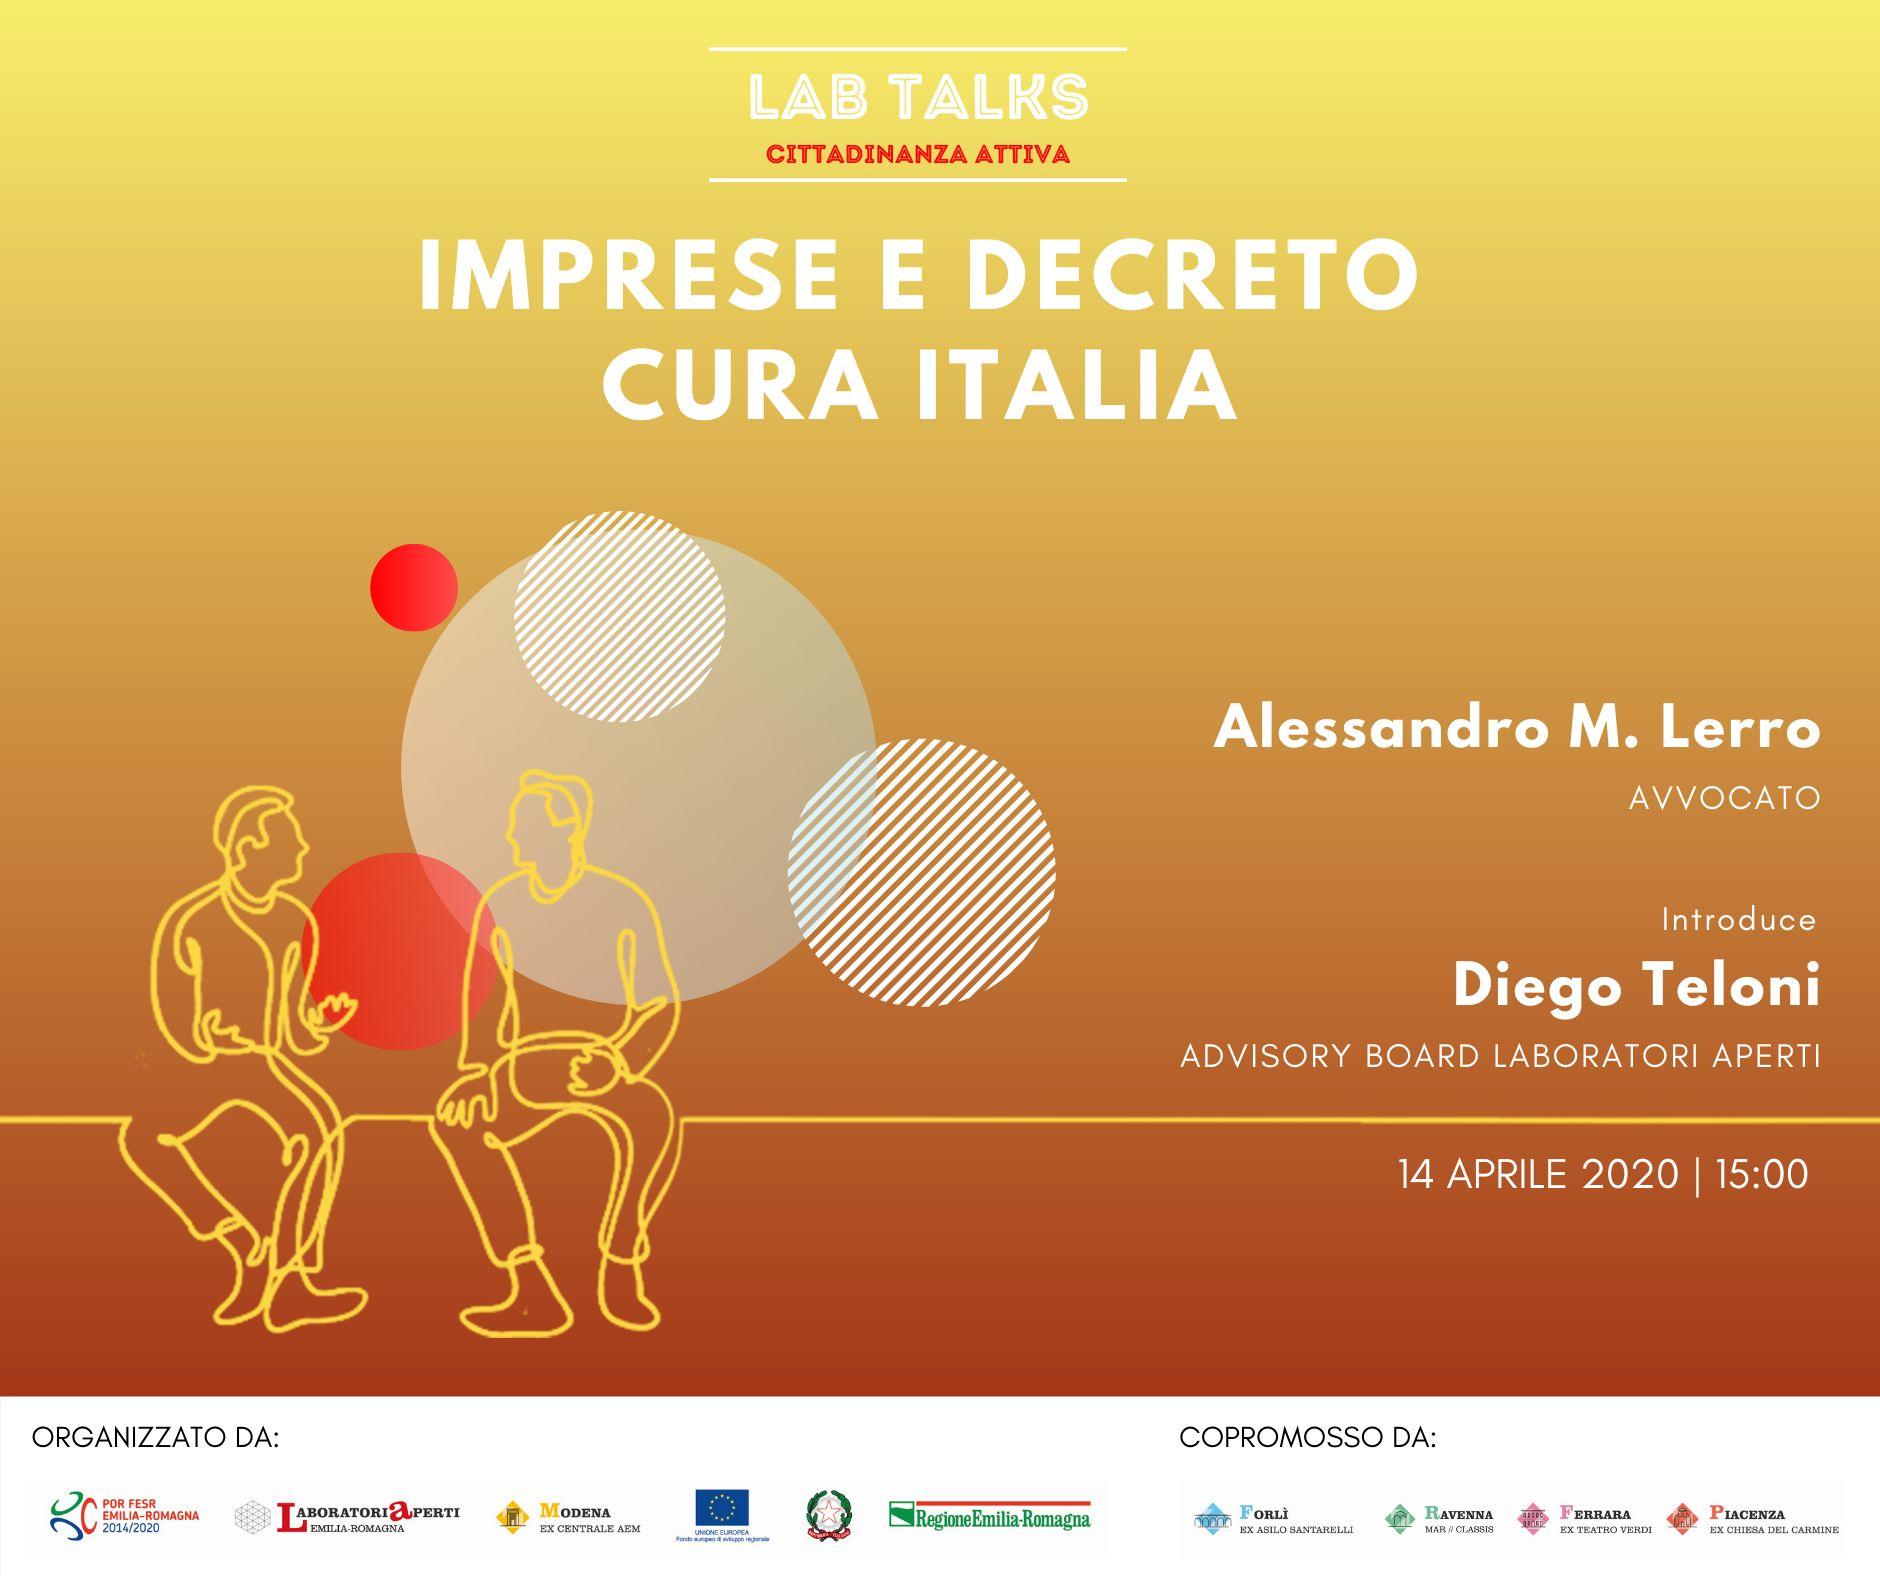 Lab Talks – Cittadinanza Attiva: Imprese e decreto Cura Italia